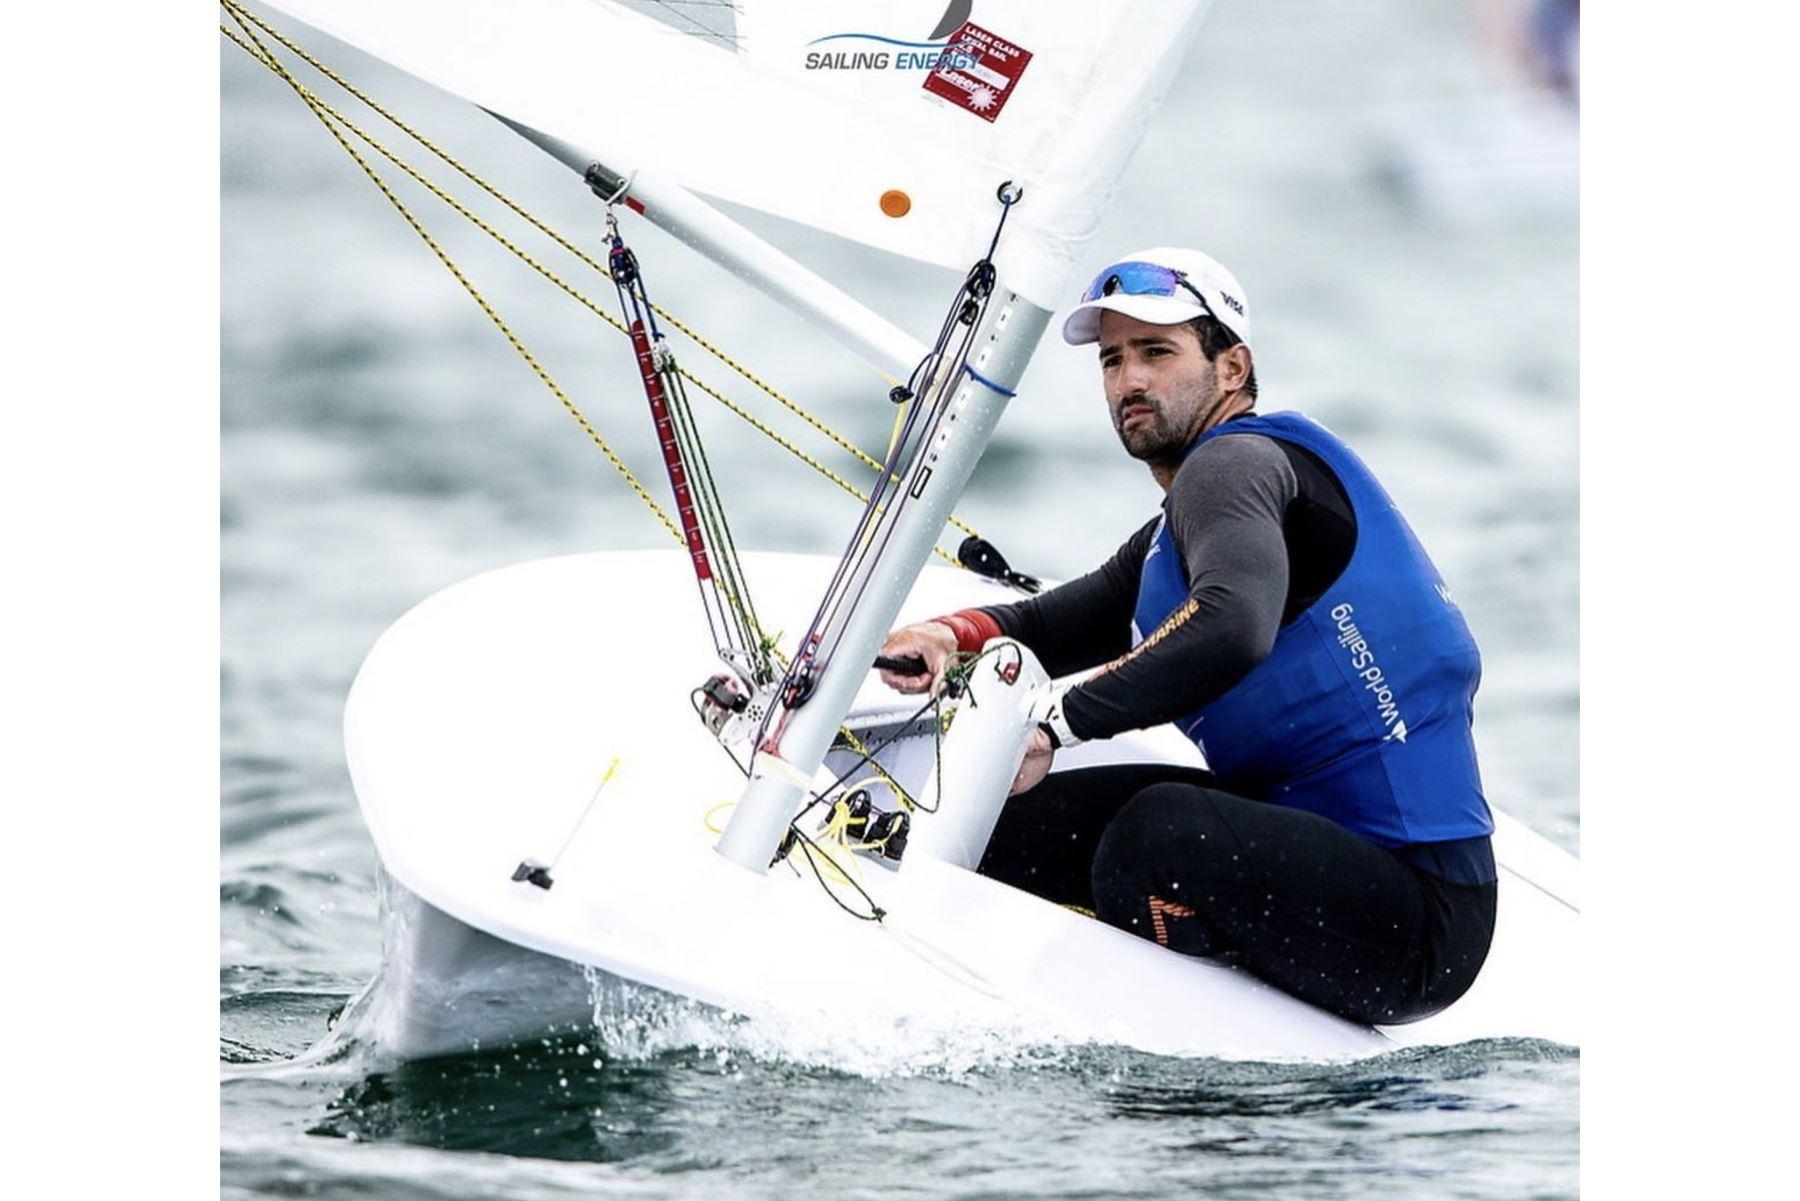 Velerista Stefano Peschiera gana medalla de oro en World Cup Series de Miami. Foto: Difusión